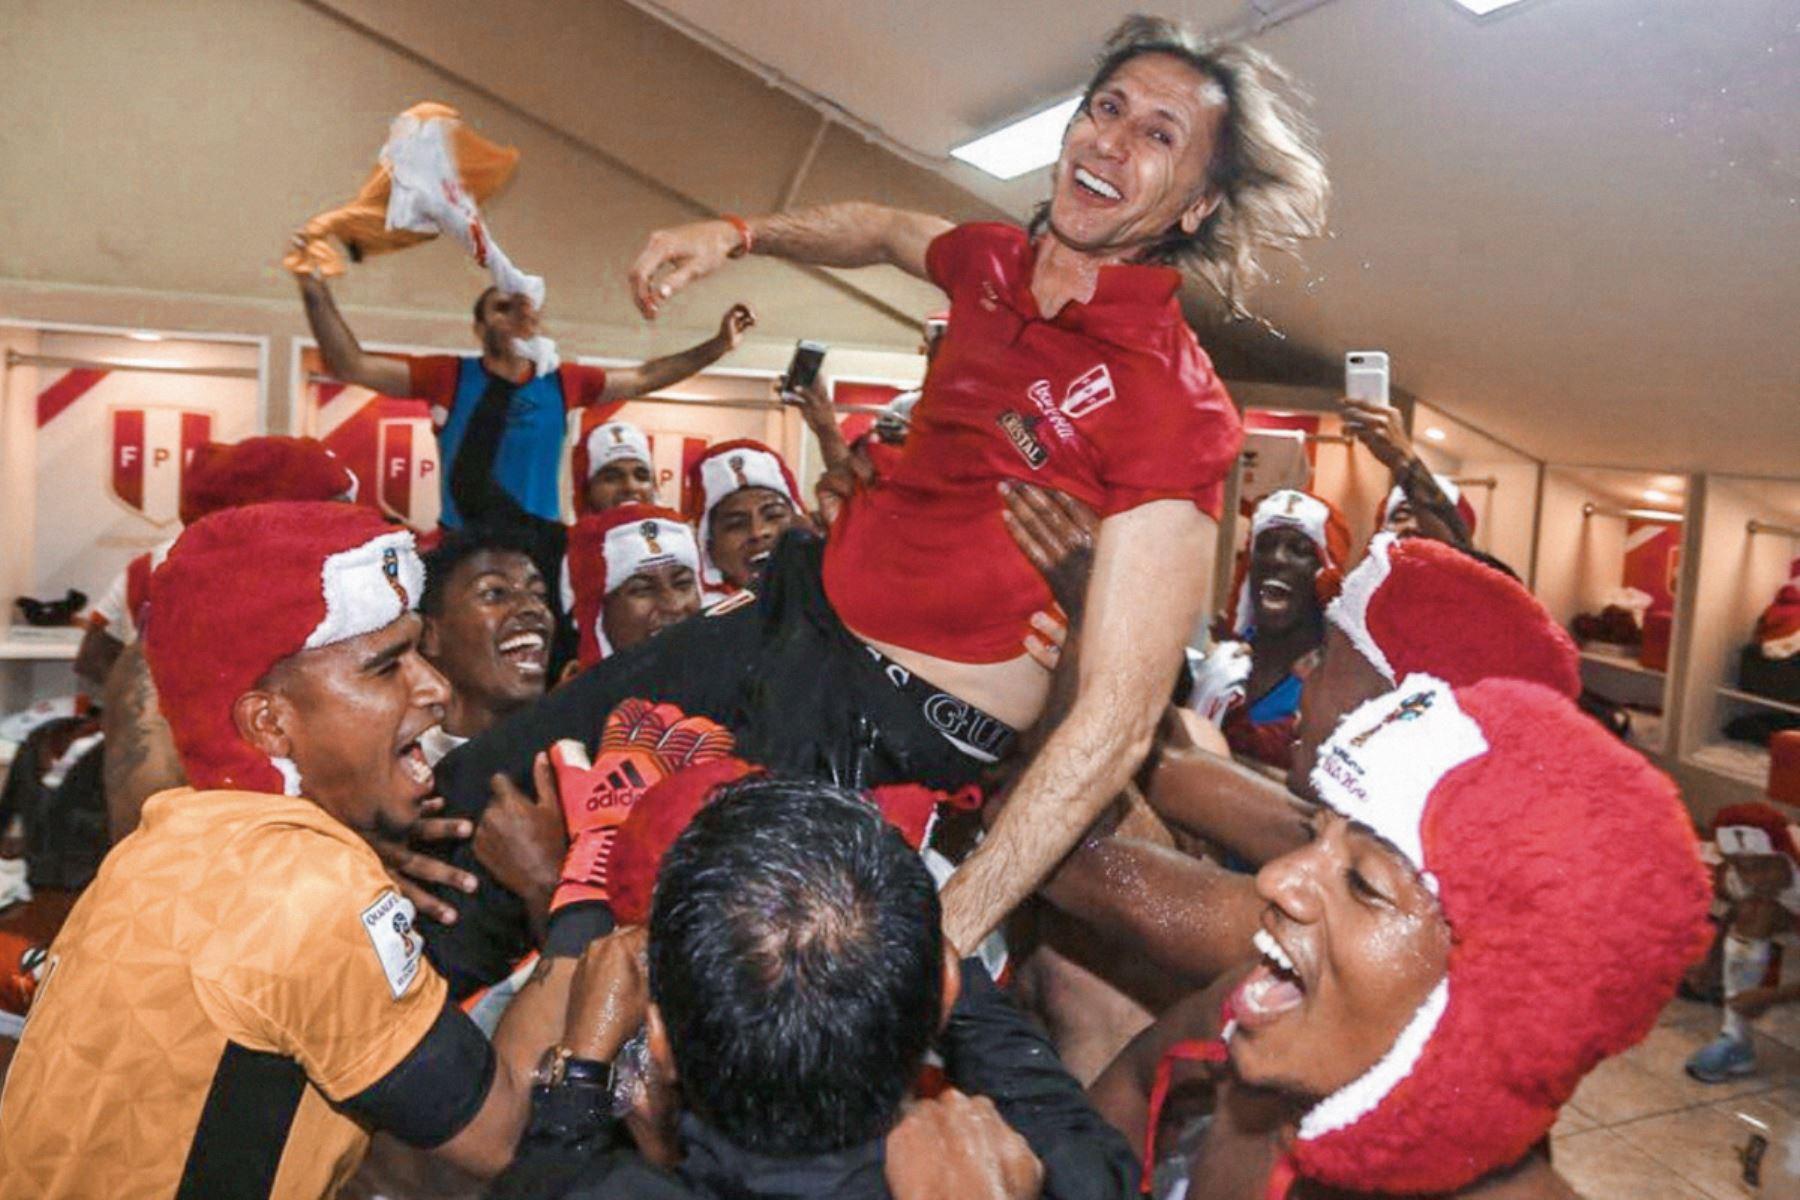 Tras lograr la clasificación al Mundial de Rusia 2018 es lanzado al aire por la felicidad de los jugadores de la selección peruana. Foto: FPF